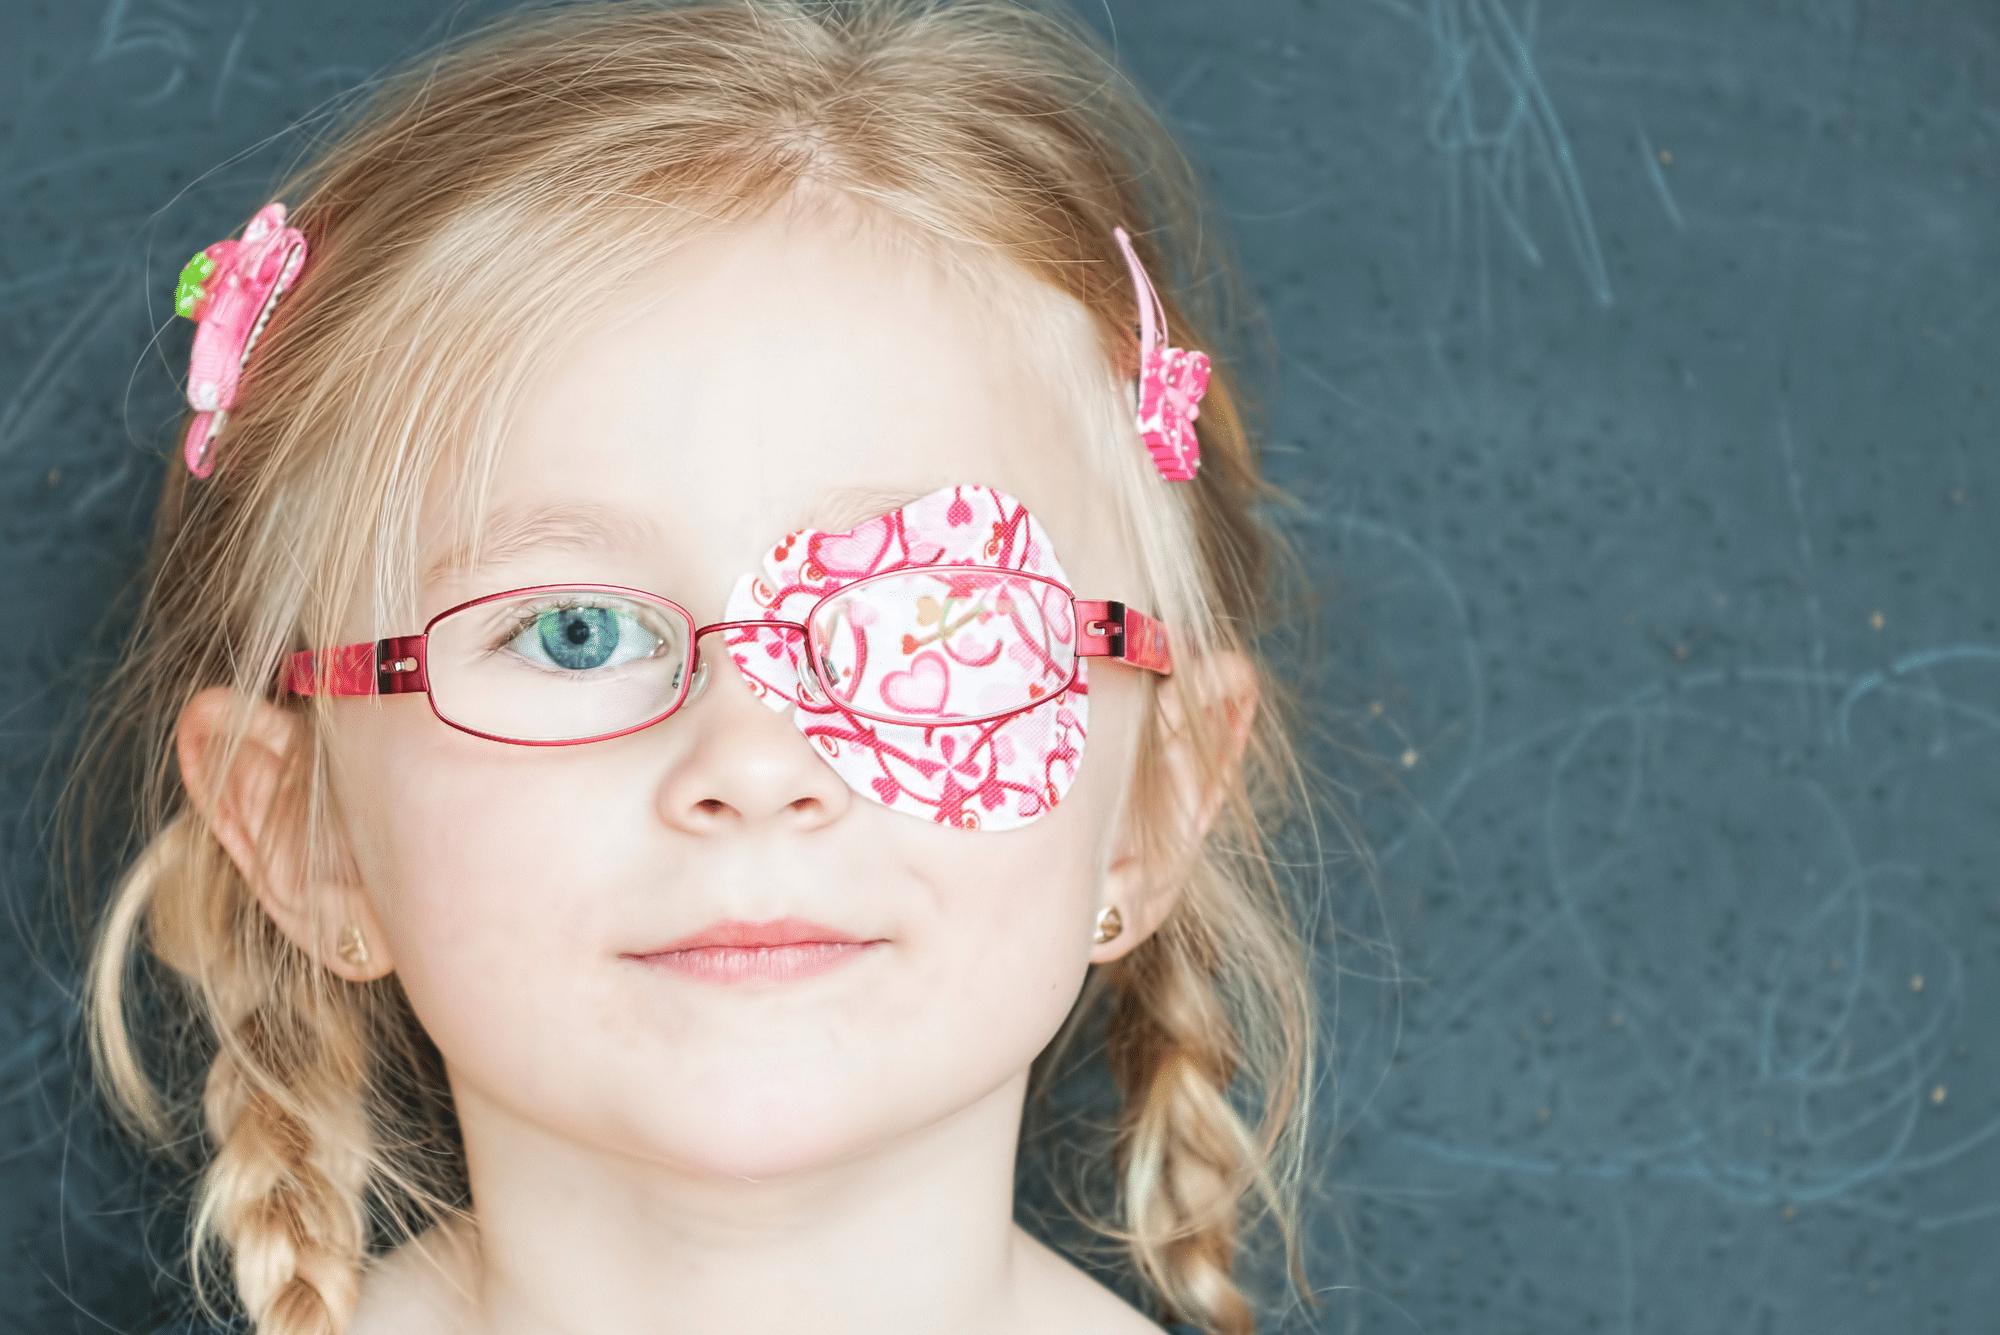 מה זה עין עצלה? – אופטיקה יפעת